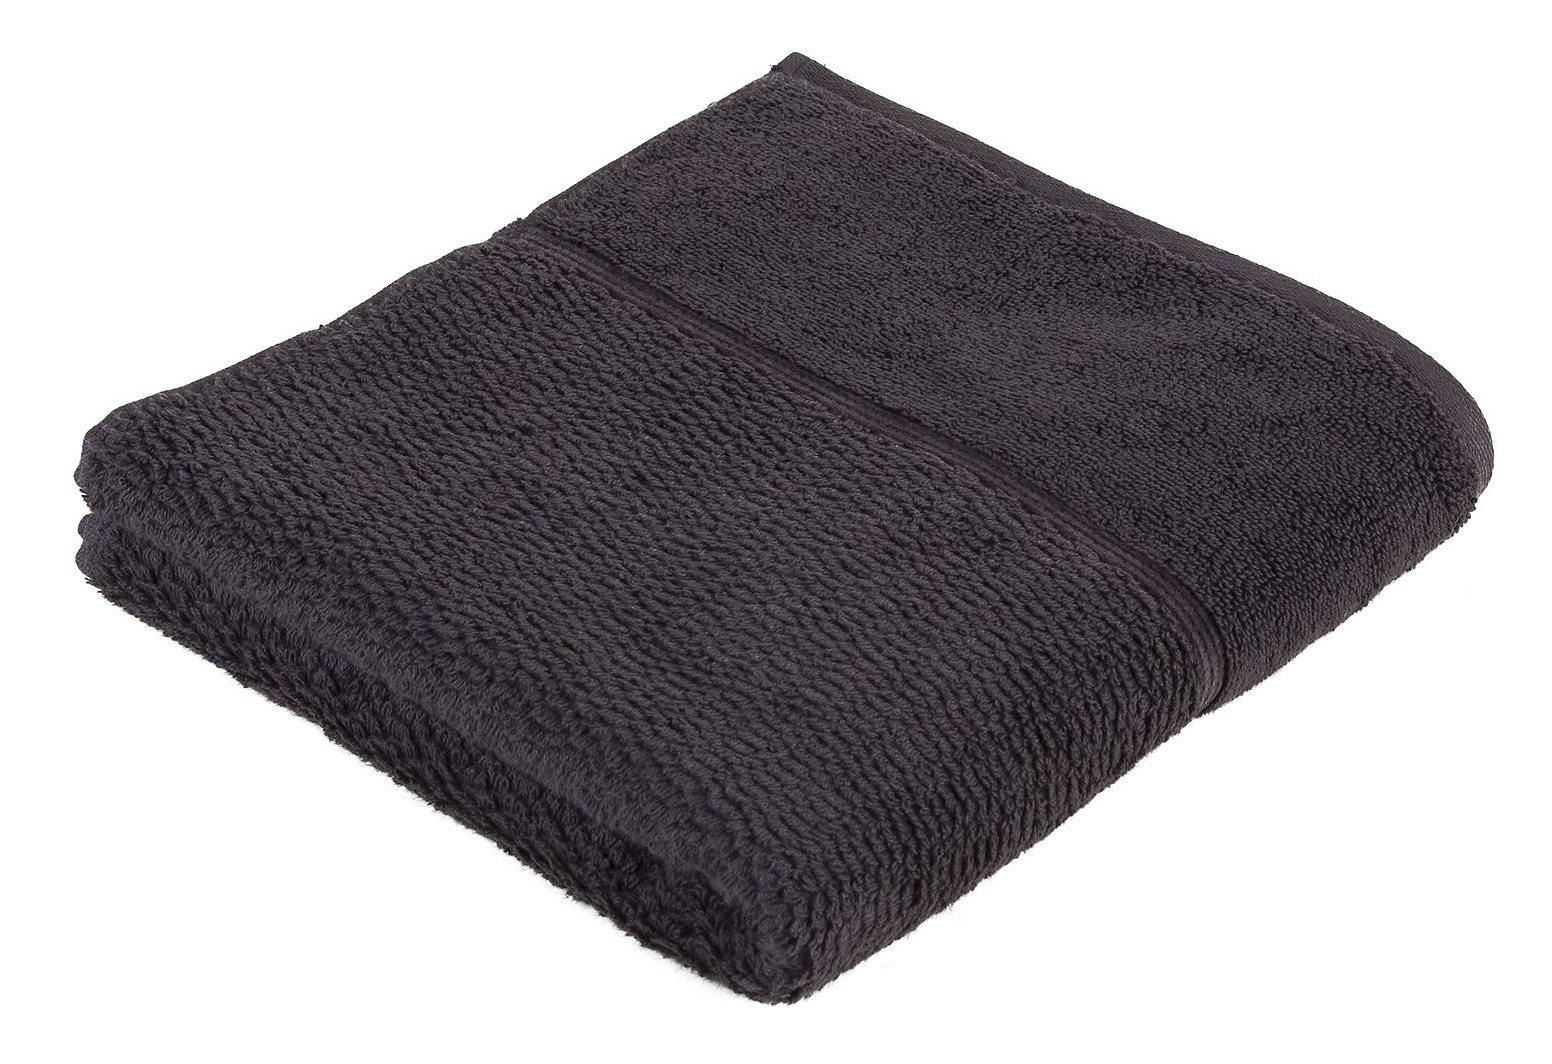 frottana handtuch sets online kaufen m bel suchmaschine. Black Bedroom Furniture Sets. Home Design Ideas